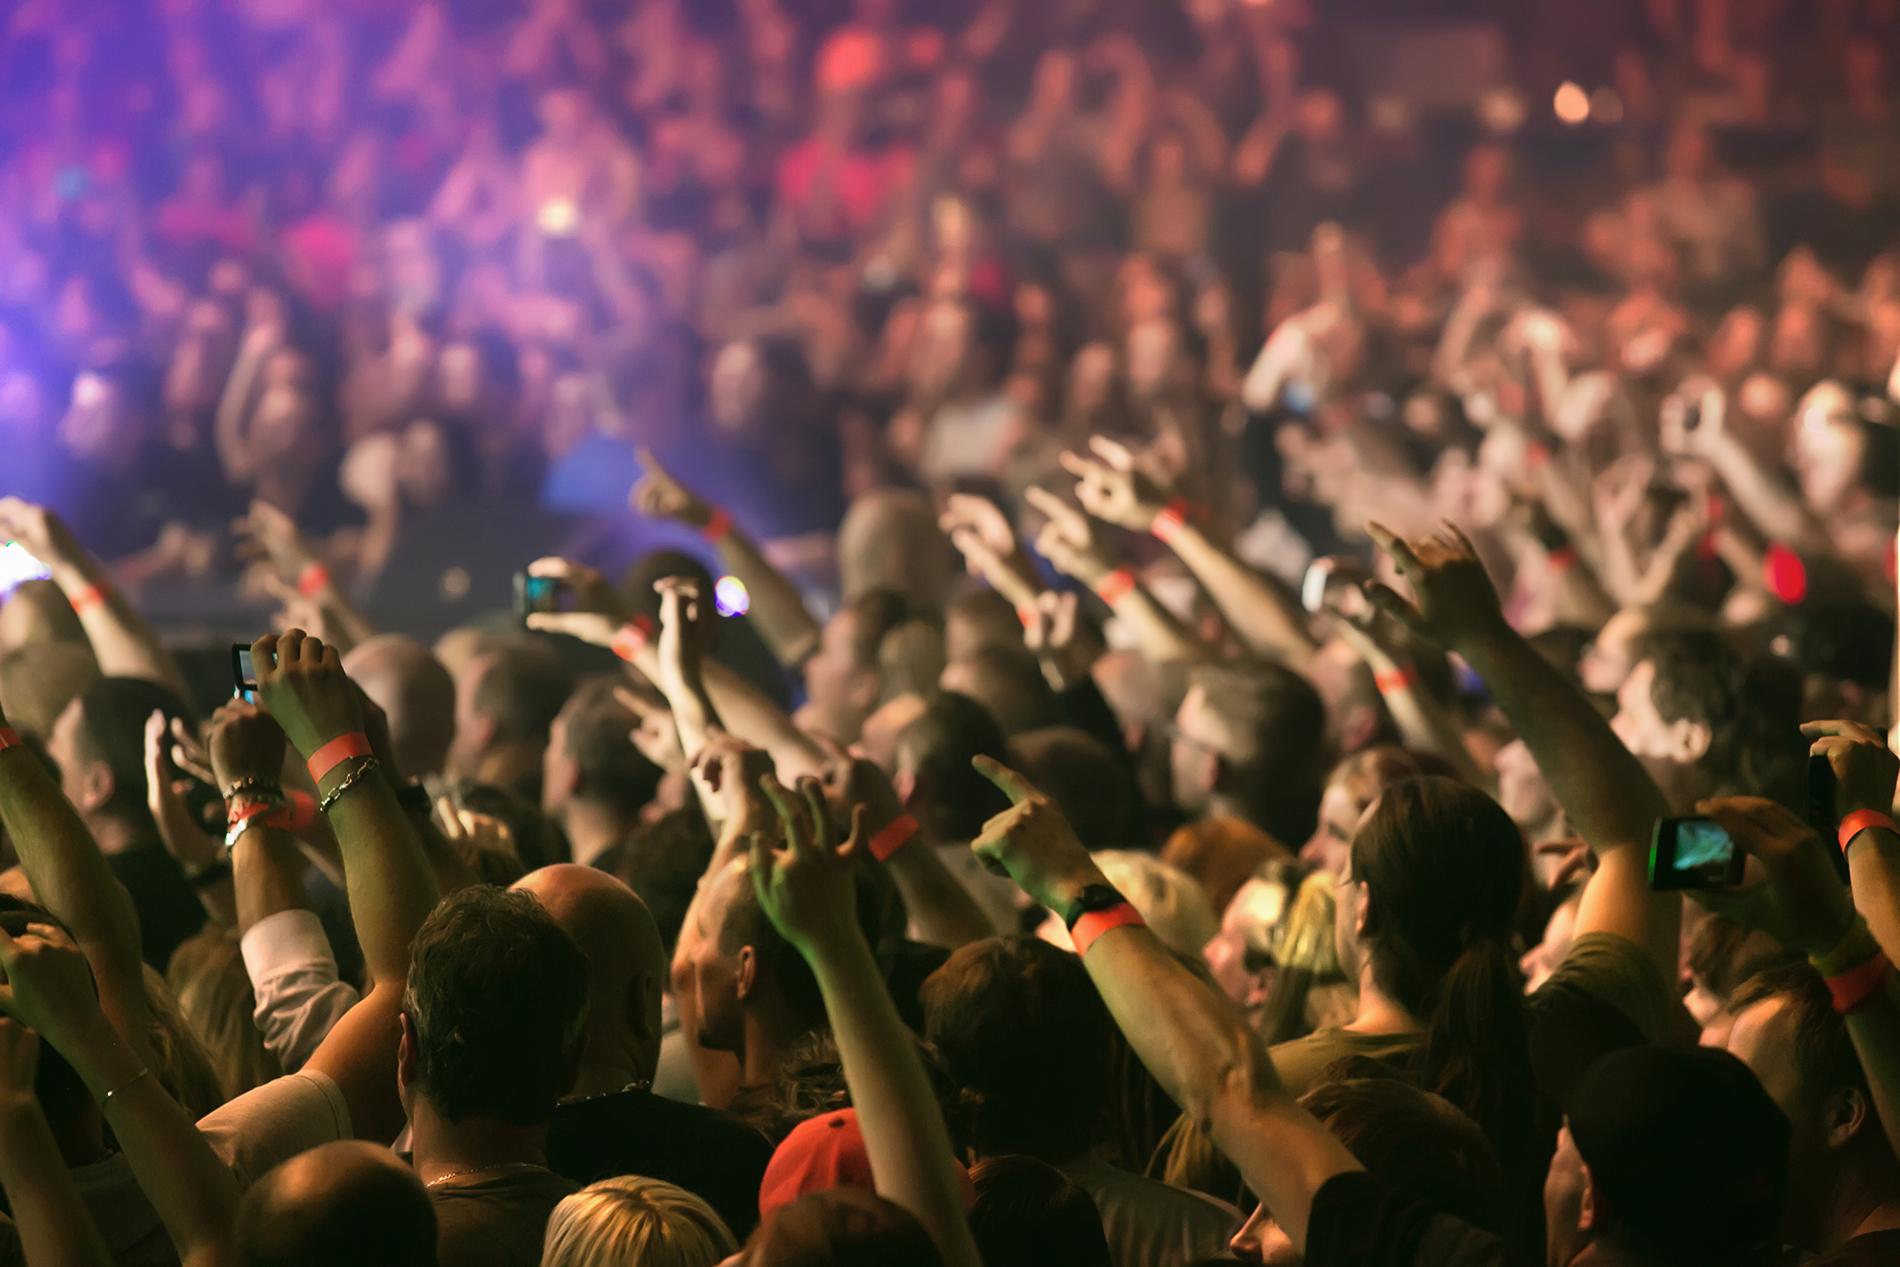 concierto, musica, gente, musical